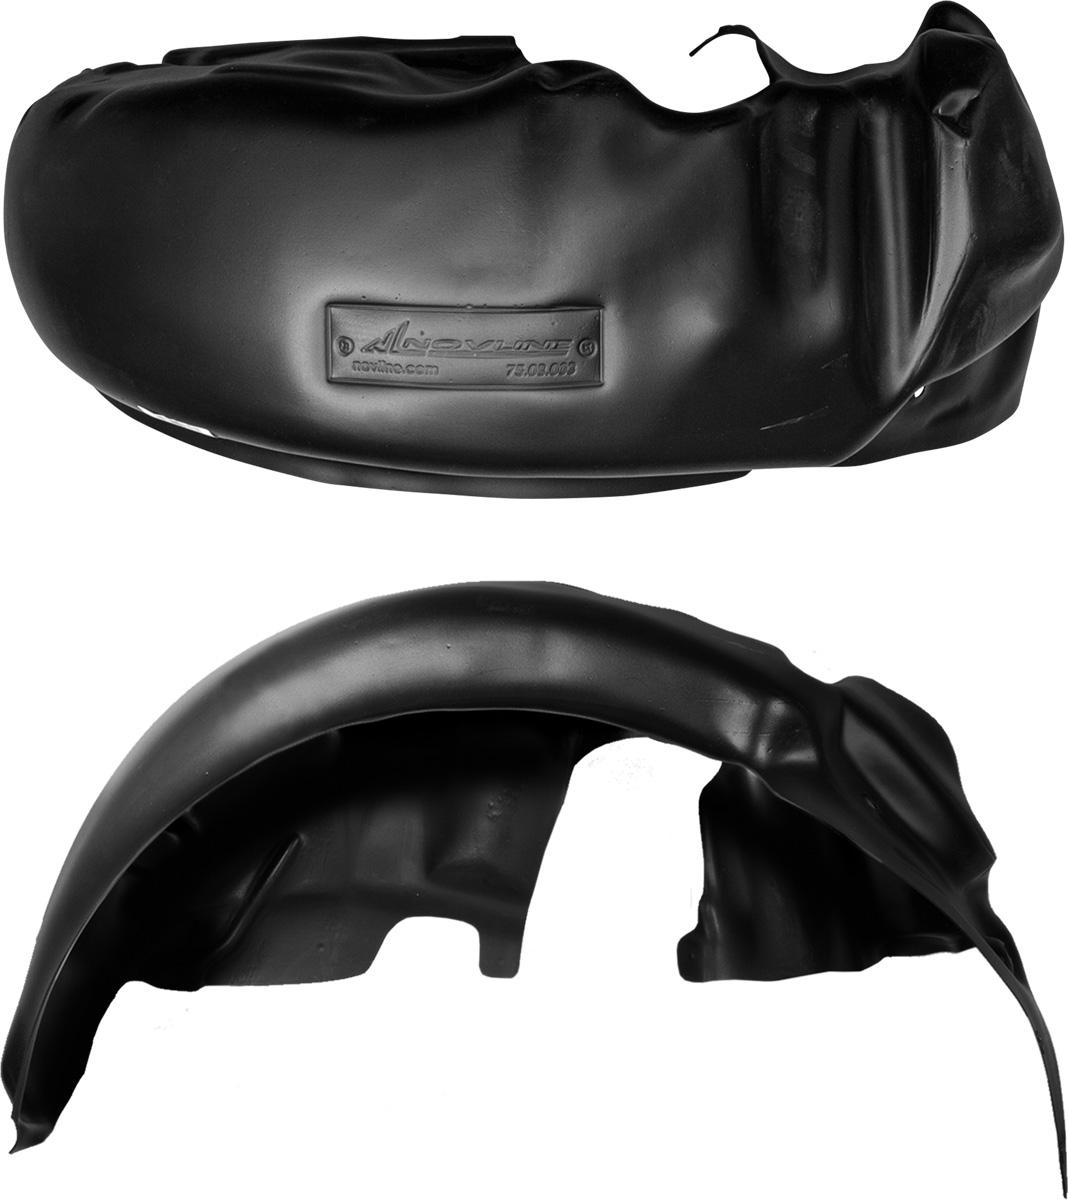 Подкрылок HYUNDAI Solaris, 2010-2014, хэтчбек, задний правыйNLL.20.42.004Колесные ниши – одни из самых уязвимых зон днища вашего автомобиля. Они постоянно подвергаются воздействию со стороны дороги. Лучшая, почти абсолютная защита для них - специально отформованные пластиковые кожухи, которые называются подкрылками, или локерами. Производятся они как для отечественных моделей автомобилей, так и для иномарок. Подкрылки выполнены из высококачественного, экологически чистого пластика. Обеспечивают надежную защиту кузова автомобиля от пескоструйного эффекта и негативного влияния, агрессивных антигололедных реагентов. Пластик обладает более низкой теплопроводностью, чем металл, поэтому в зимний период эксплуатации использование пластиковых подкрылков позволяет лучше защитить колесные ниши от налипания снега и образования наледи. Оригинальность конструкции подчеркивает элегантность автомобиля, бережно защищает нанесенное на днище кузова антикоррозийное покрытие и позволяет осуществить крепление подкрылков внутри колесной арки практически без дополнительного крепежа и сверления, не нарушая при этом лакокрасочного покрытия, что предотвращает возникновение новых очагов коррозии. Технология крепления подкрылков на иномарки принципиально отличается от крепления на российские автомобили и разрабатывается индивидуально для каждой модели автомобиля. Подкрылки долговечны, обладают высокой прочностью и сохраняют заданную форму, а также все свои физико-механические характеристики в самых тяжелых климатических условиях ( от -50° С до + 50° С).